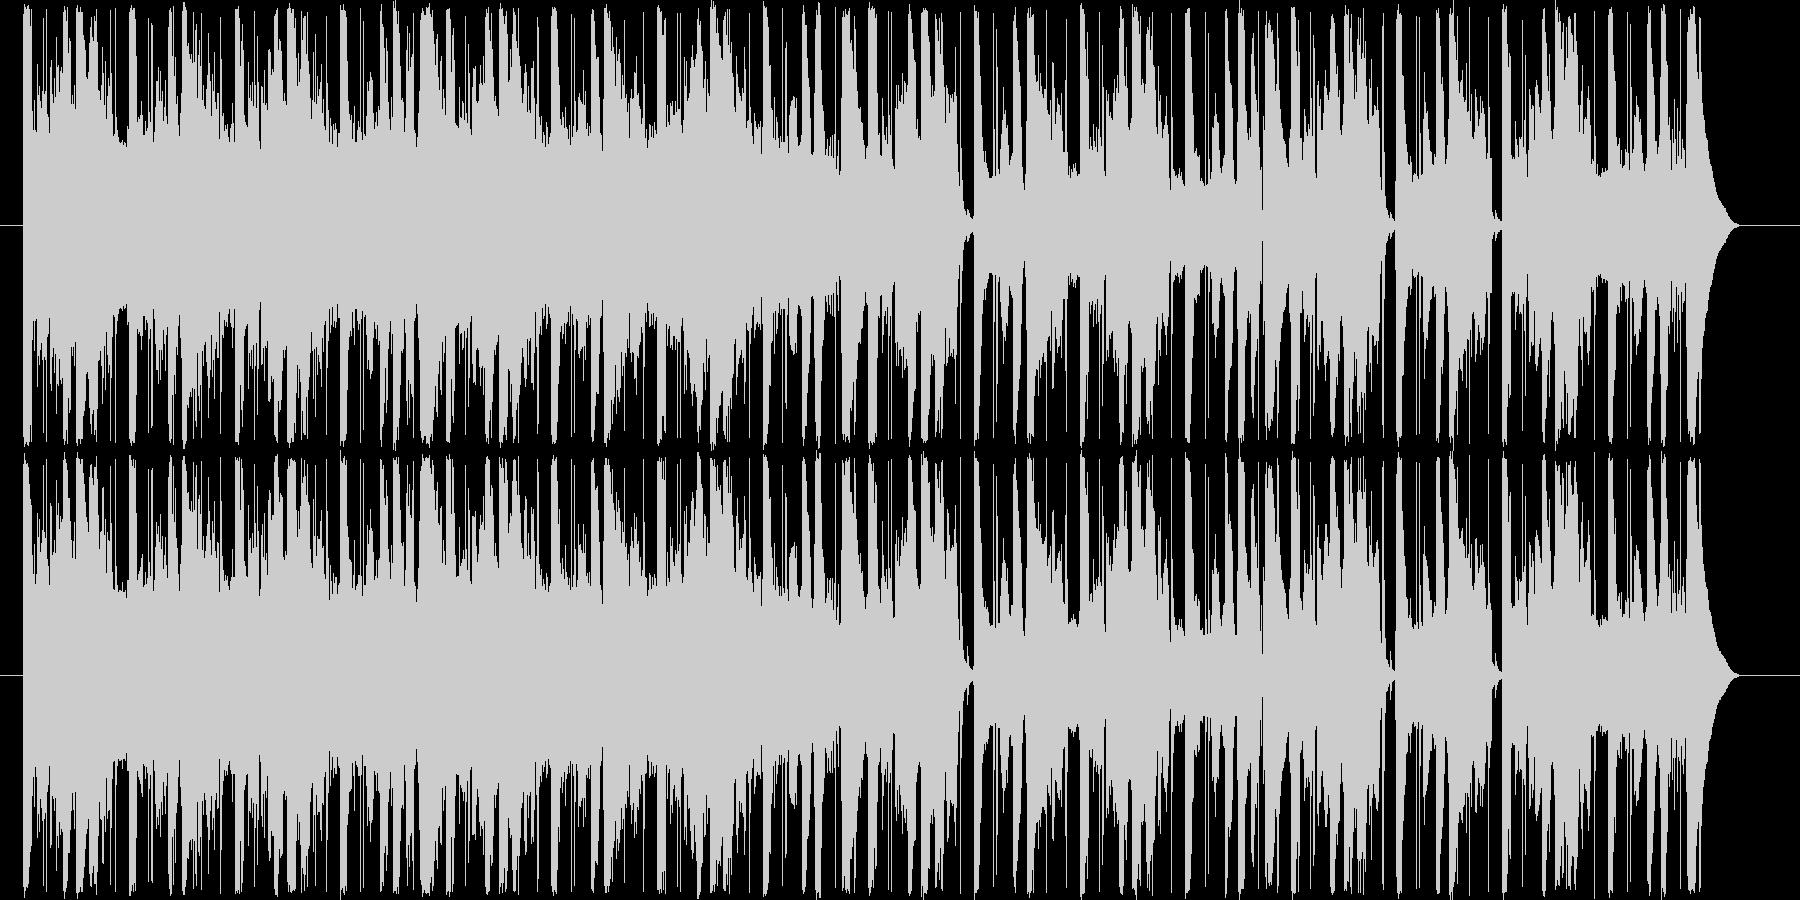 ガリガリした感じのループ音源です。の未再生の波形